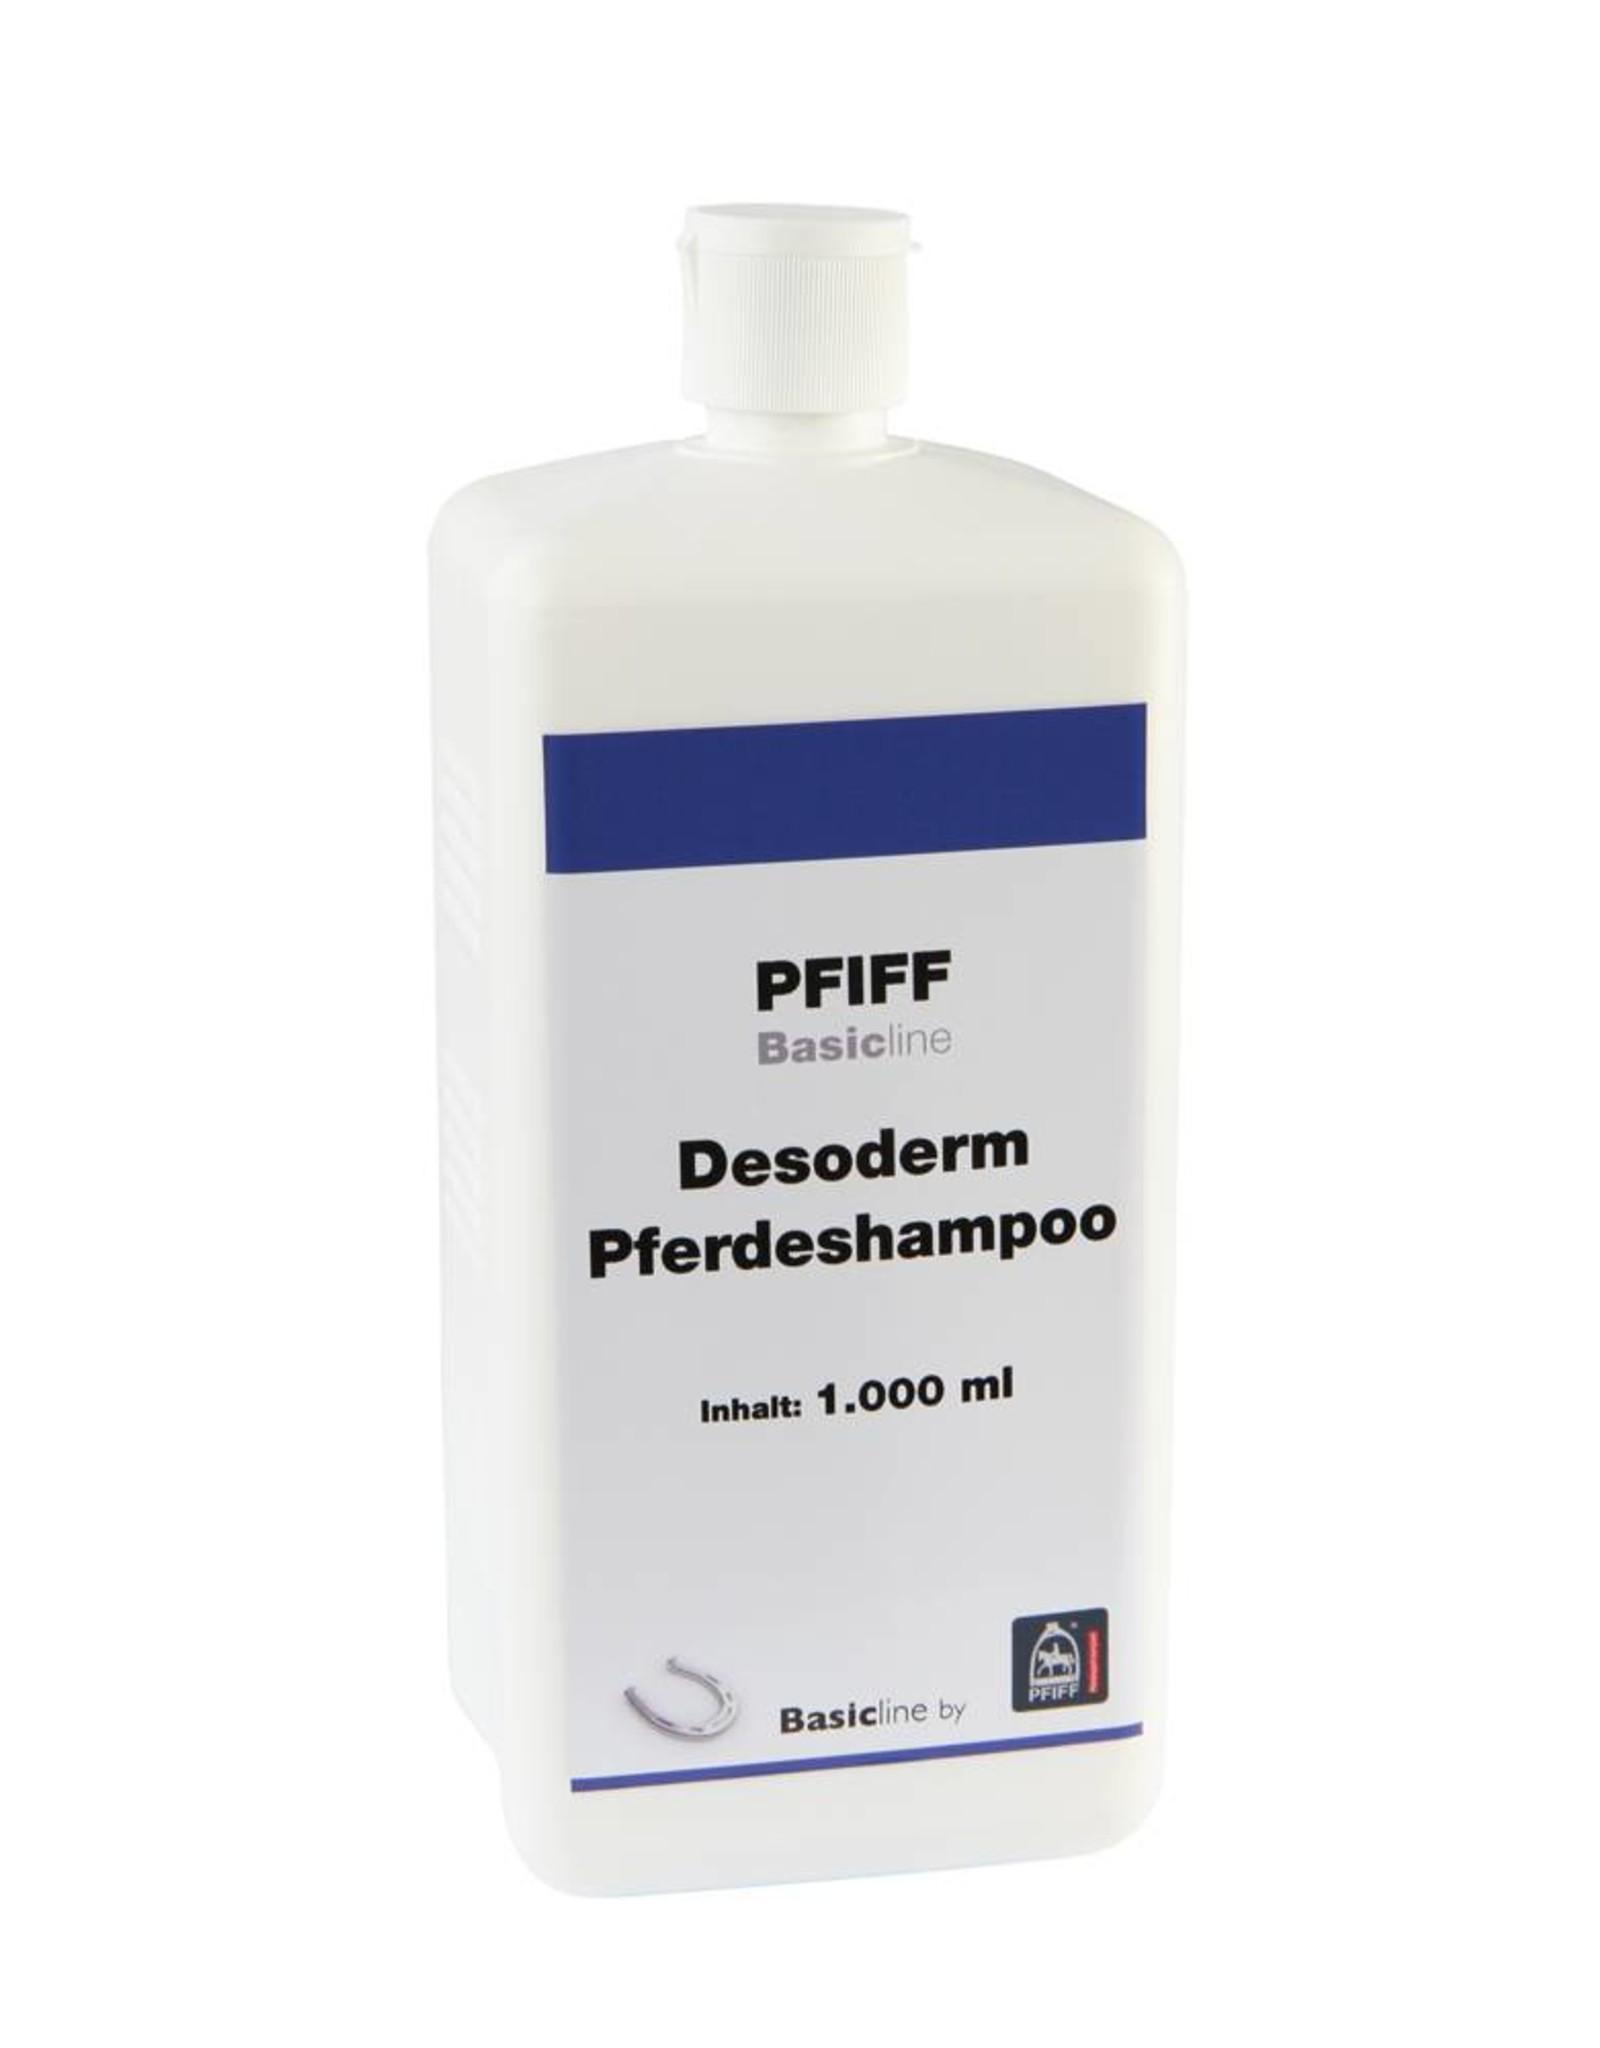 Pfiff -Desoderm paardenshampoo 1000ml